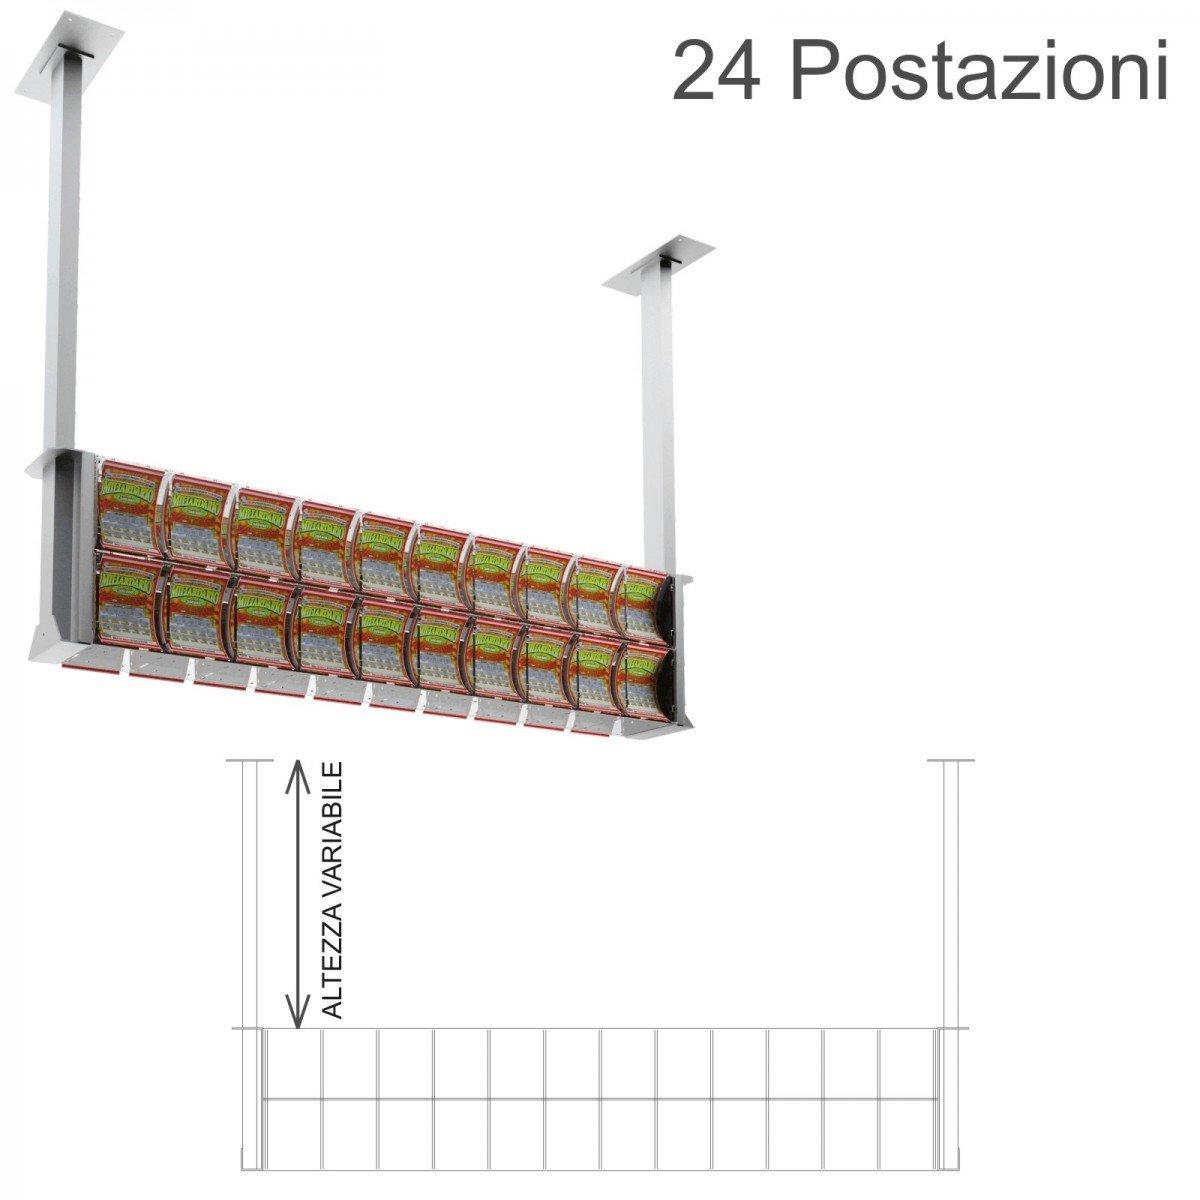 Espositore gratta e vinci da soffitto in plexiglass trasparente a 24 contenitori munito di sportellino frontale lato rivenditore